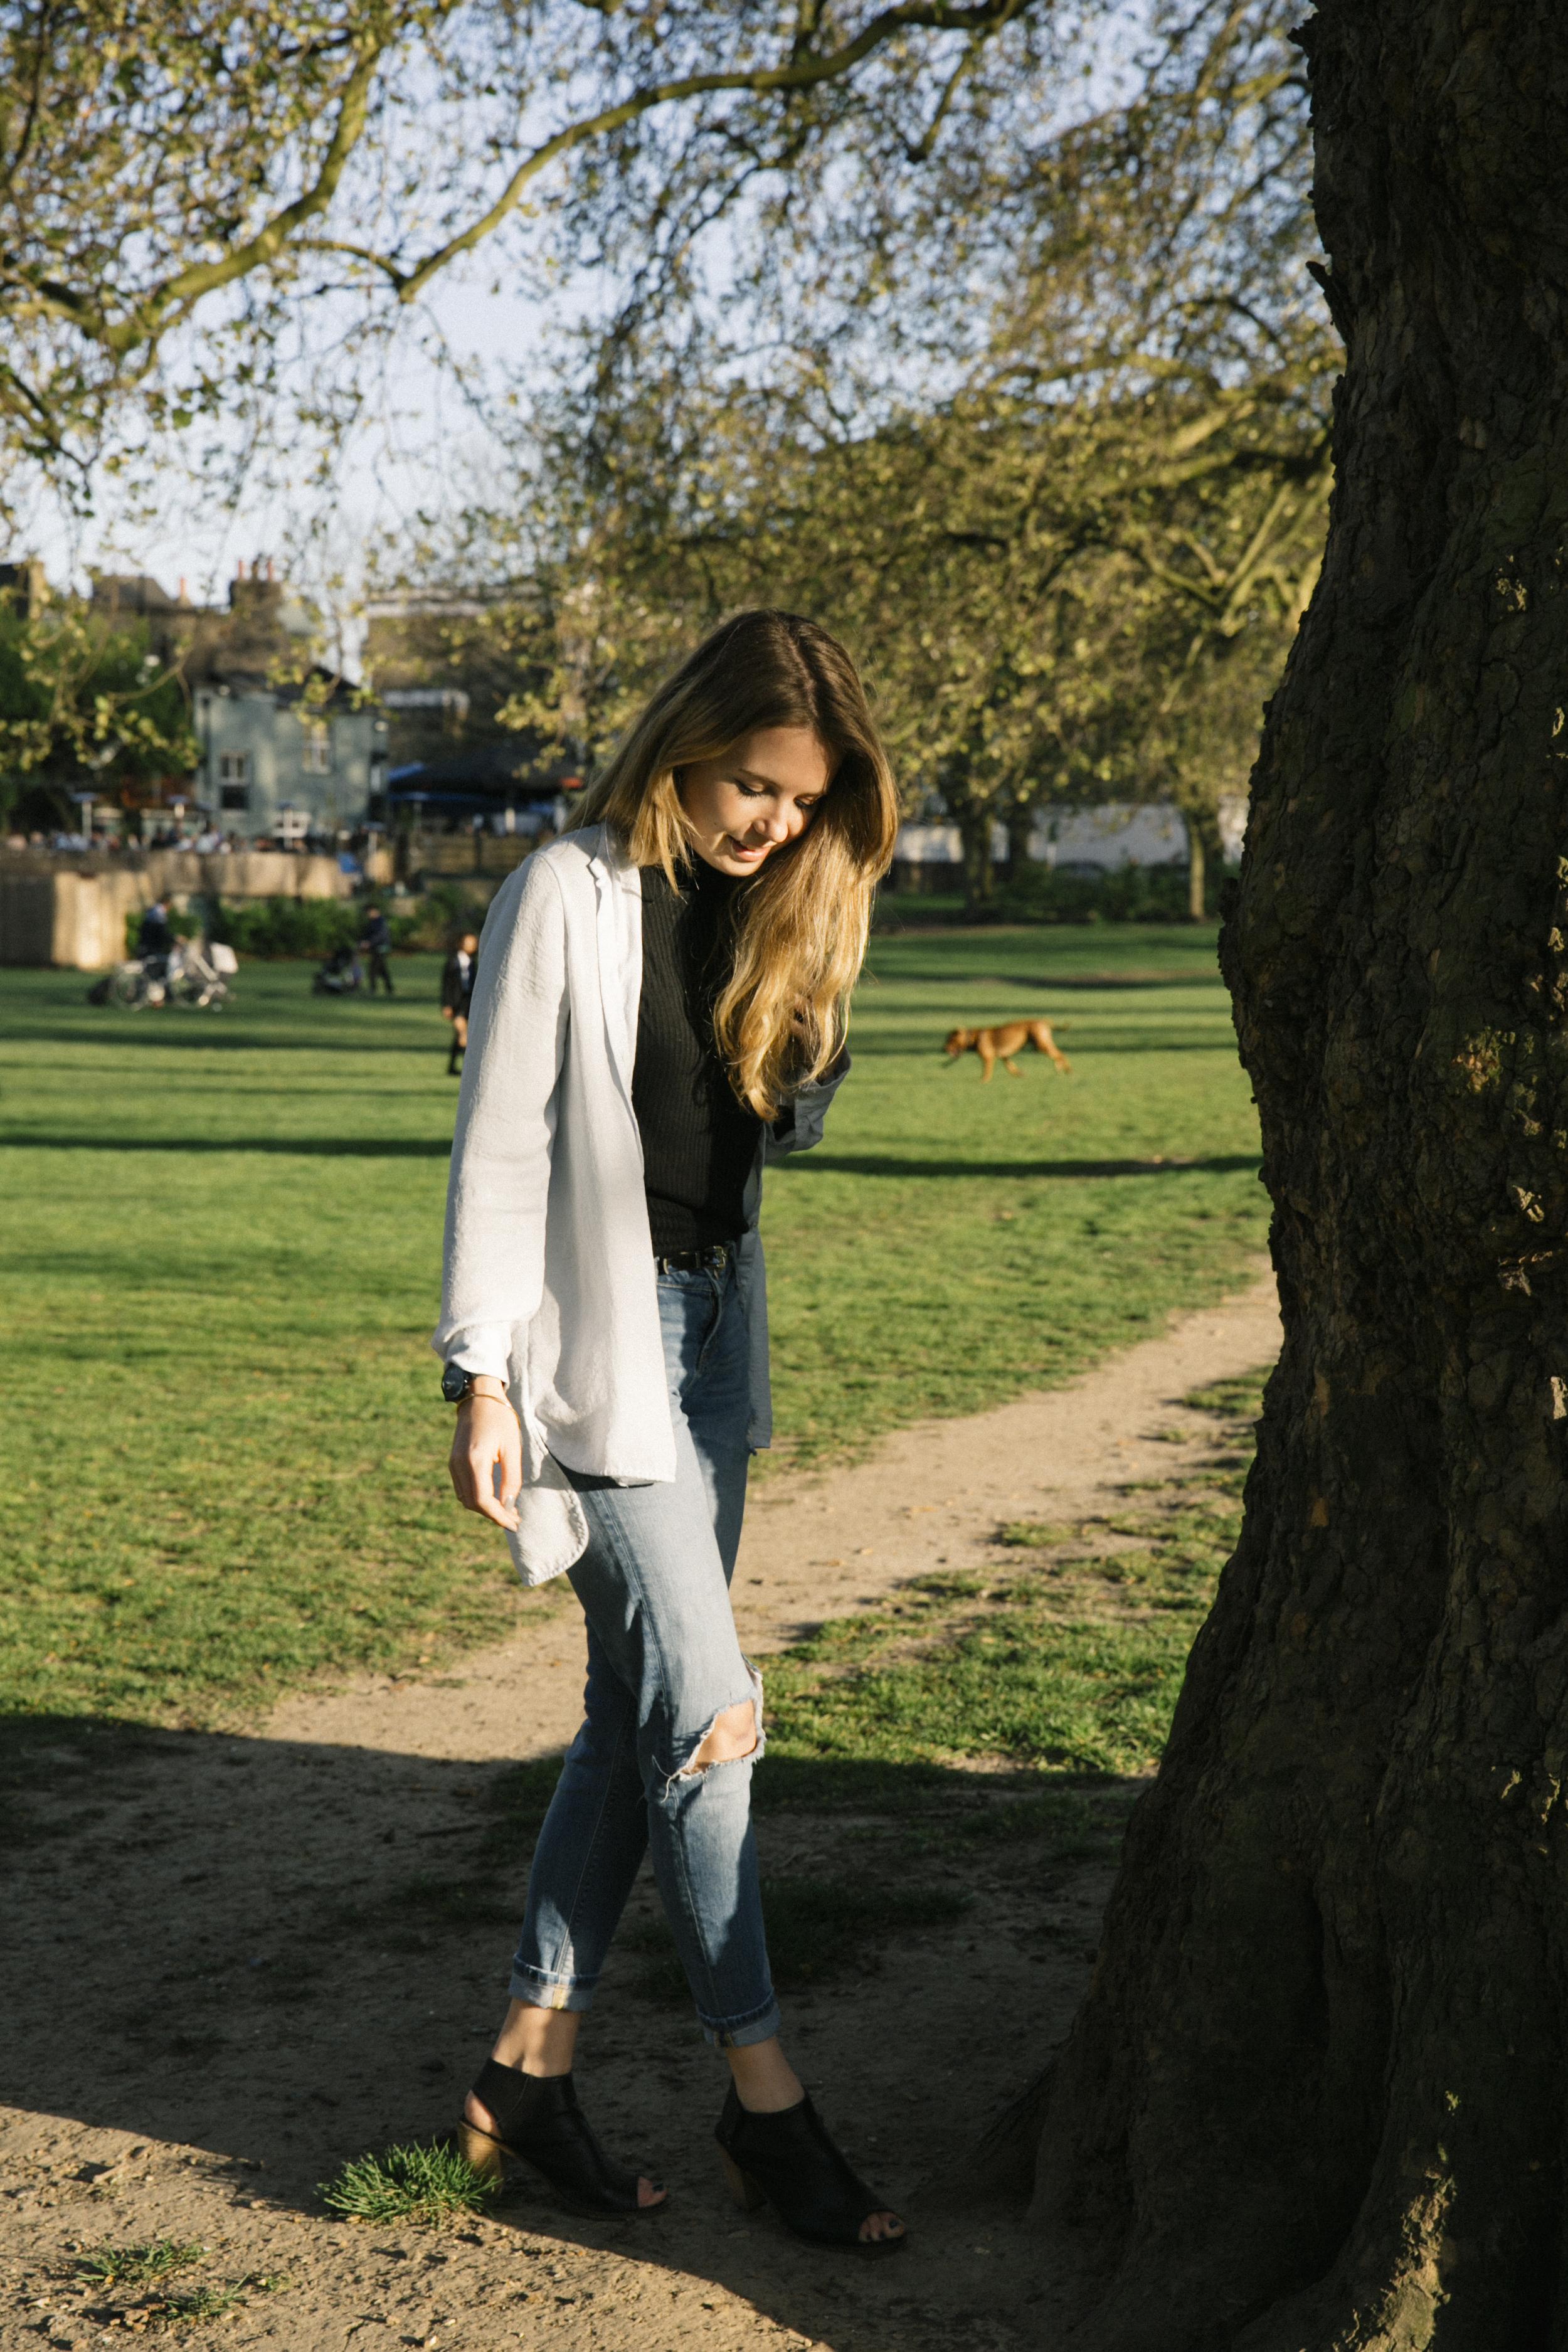 Tania from Joyfelicityjane.com